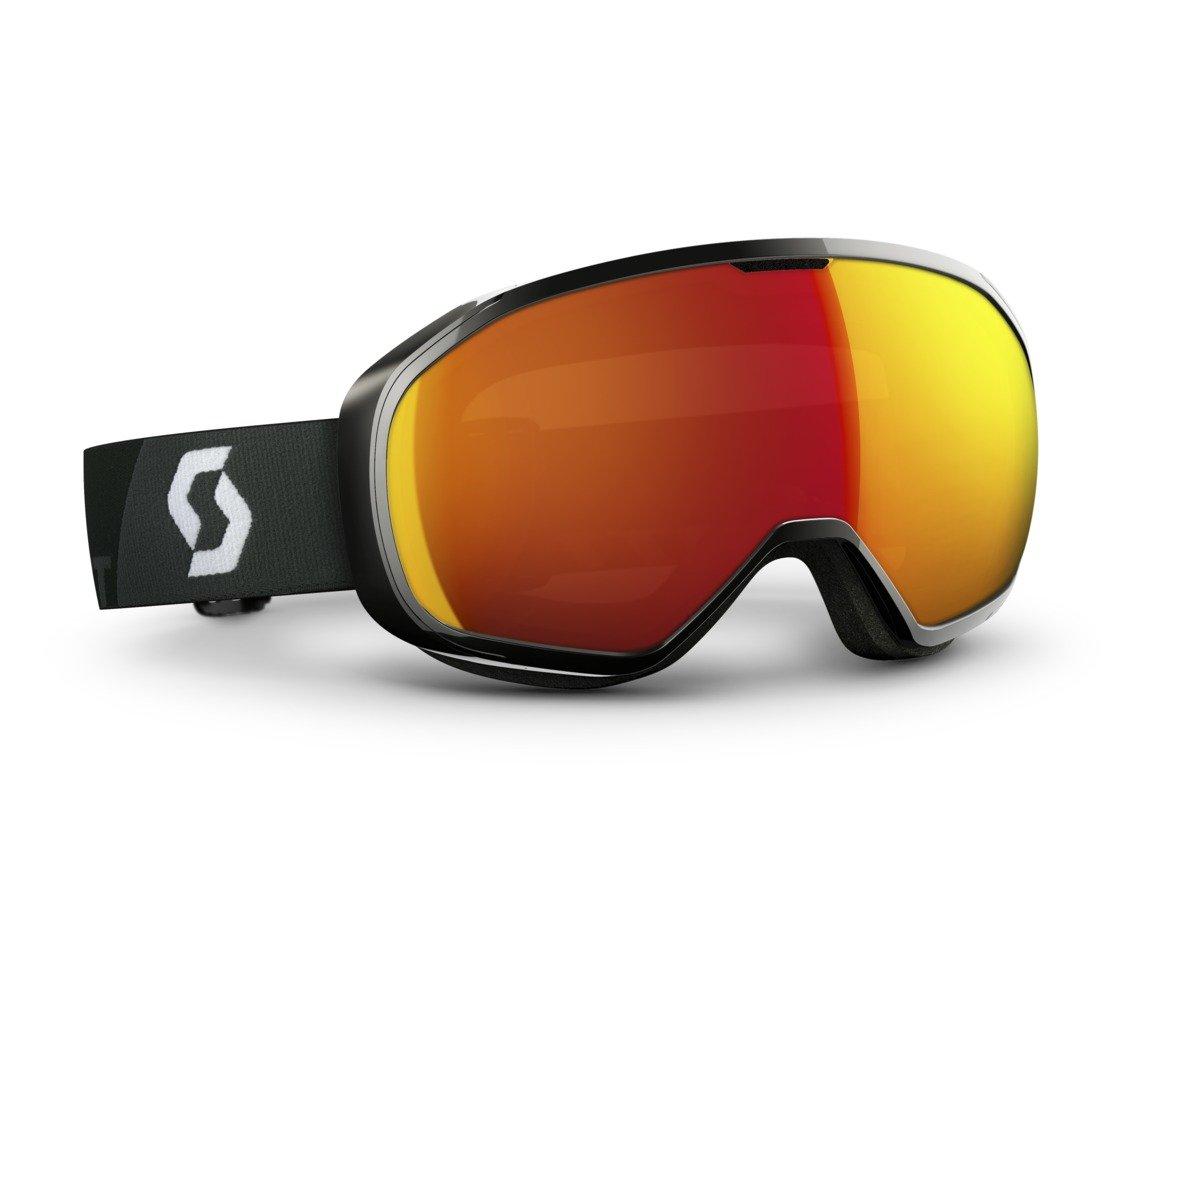 773f57b98881 Scott Fix Men s Ski Goggles  Amazon.co.uk  Sports   Outdoors